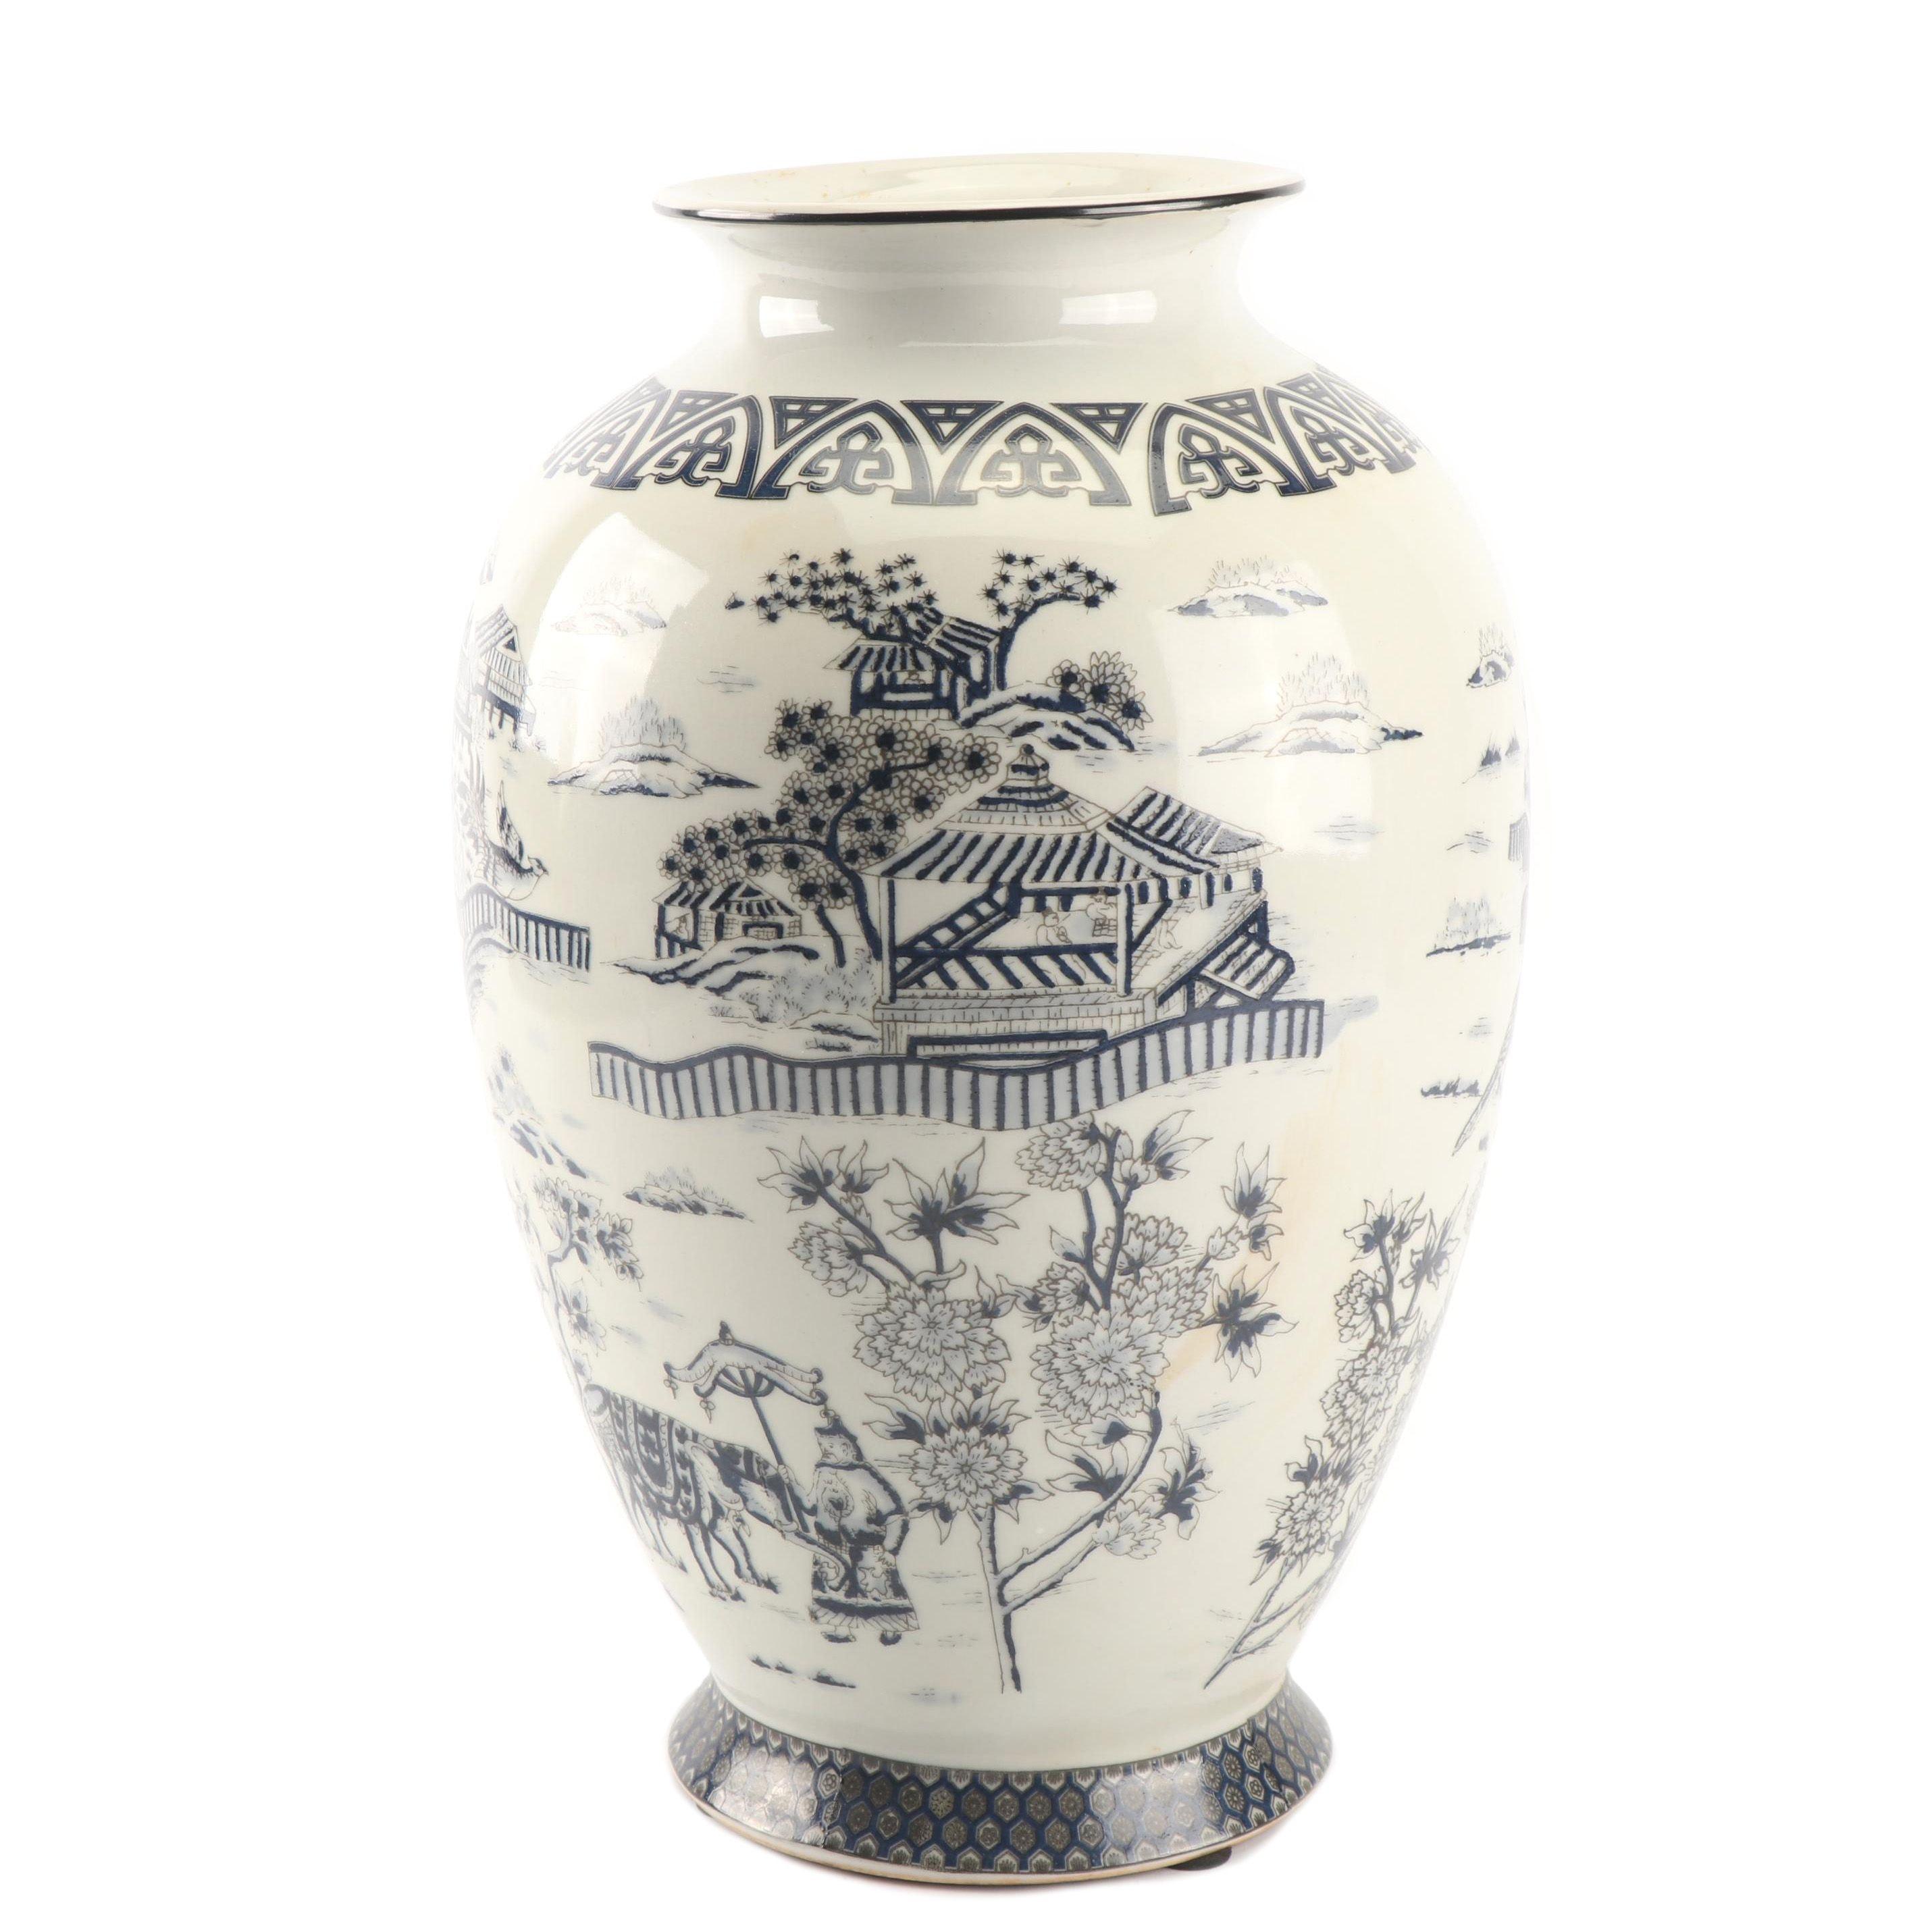 Chinese Inspired Black and White Transferware Vase